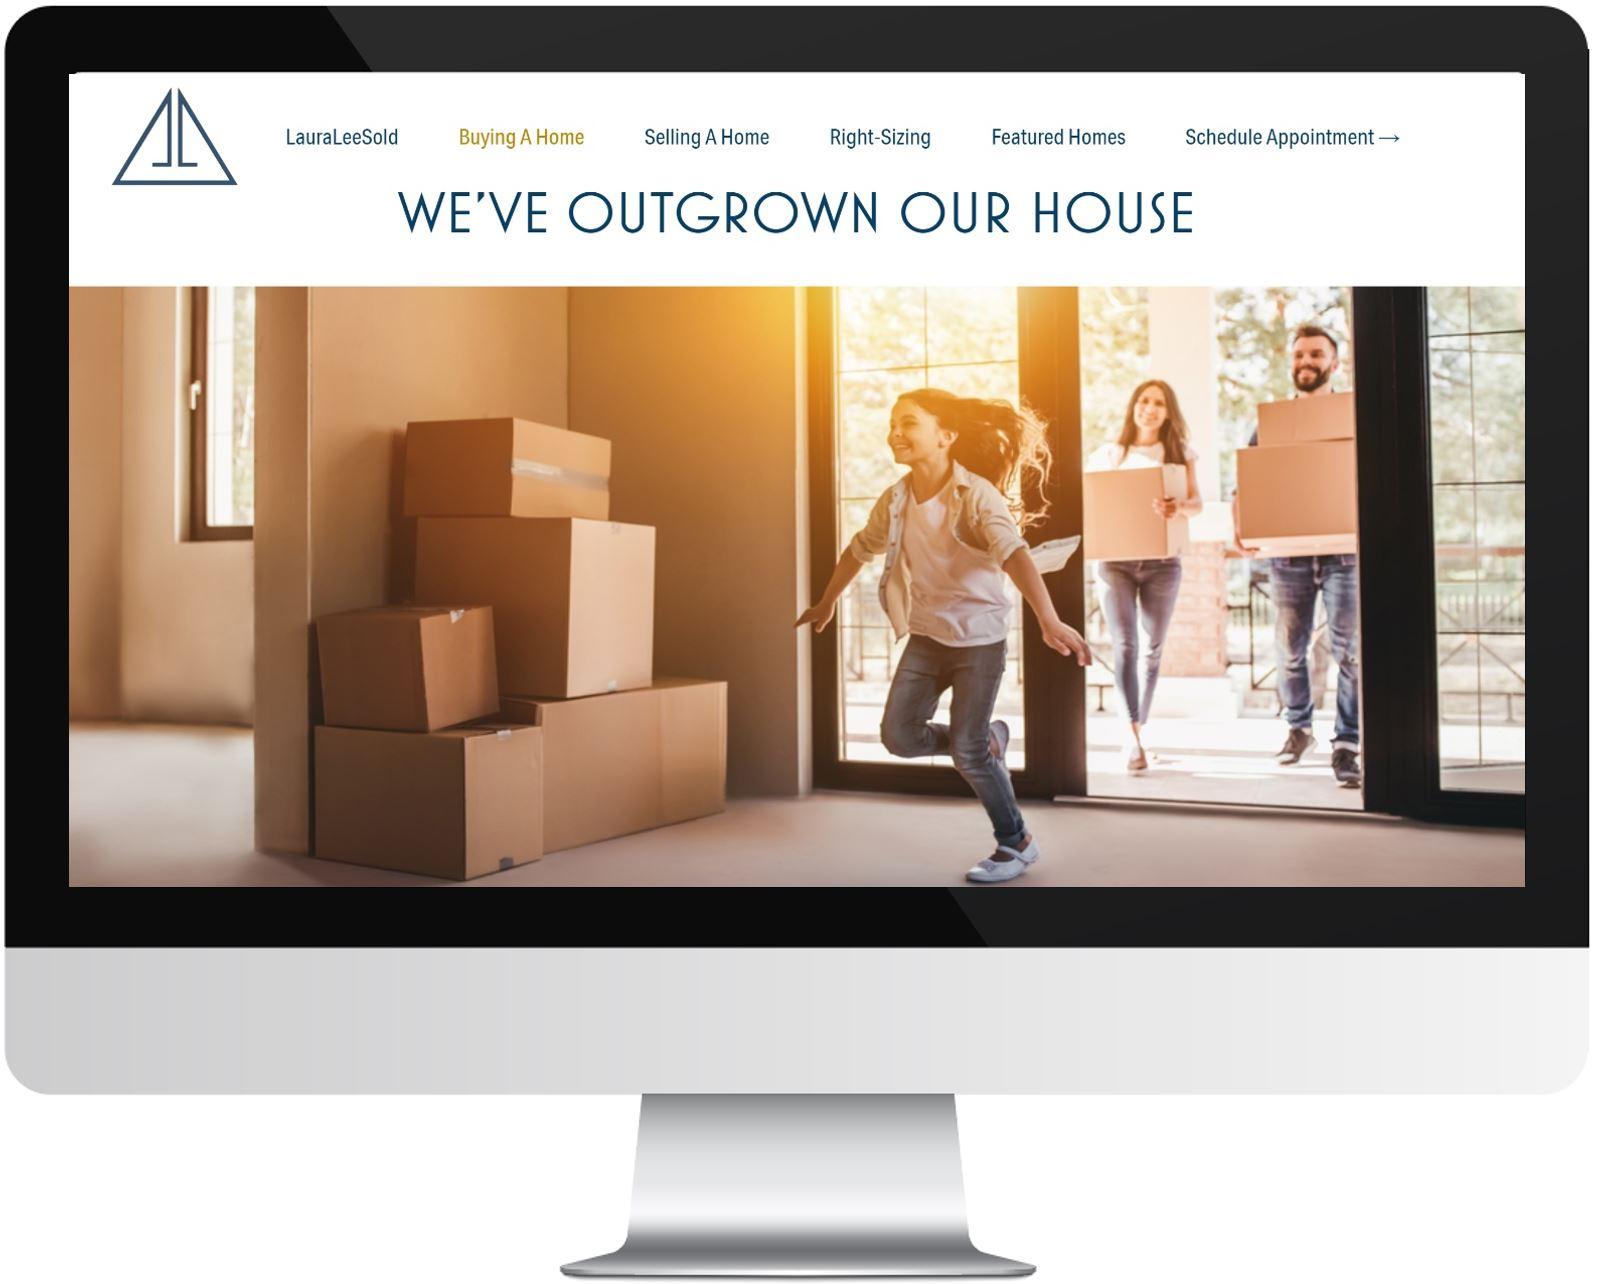 Great Design for Realtor Website